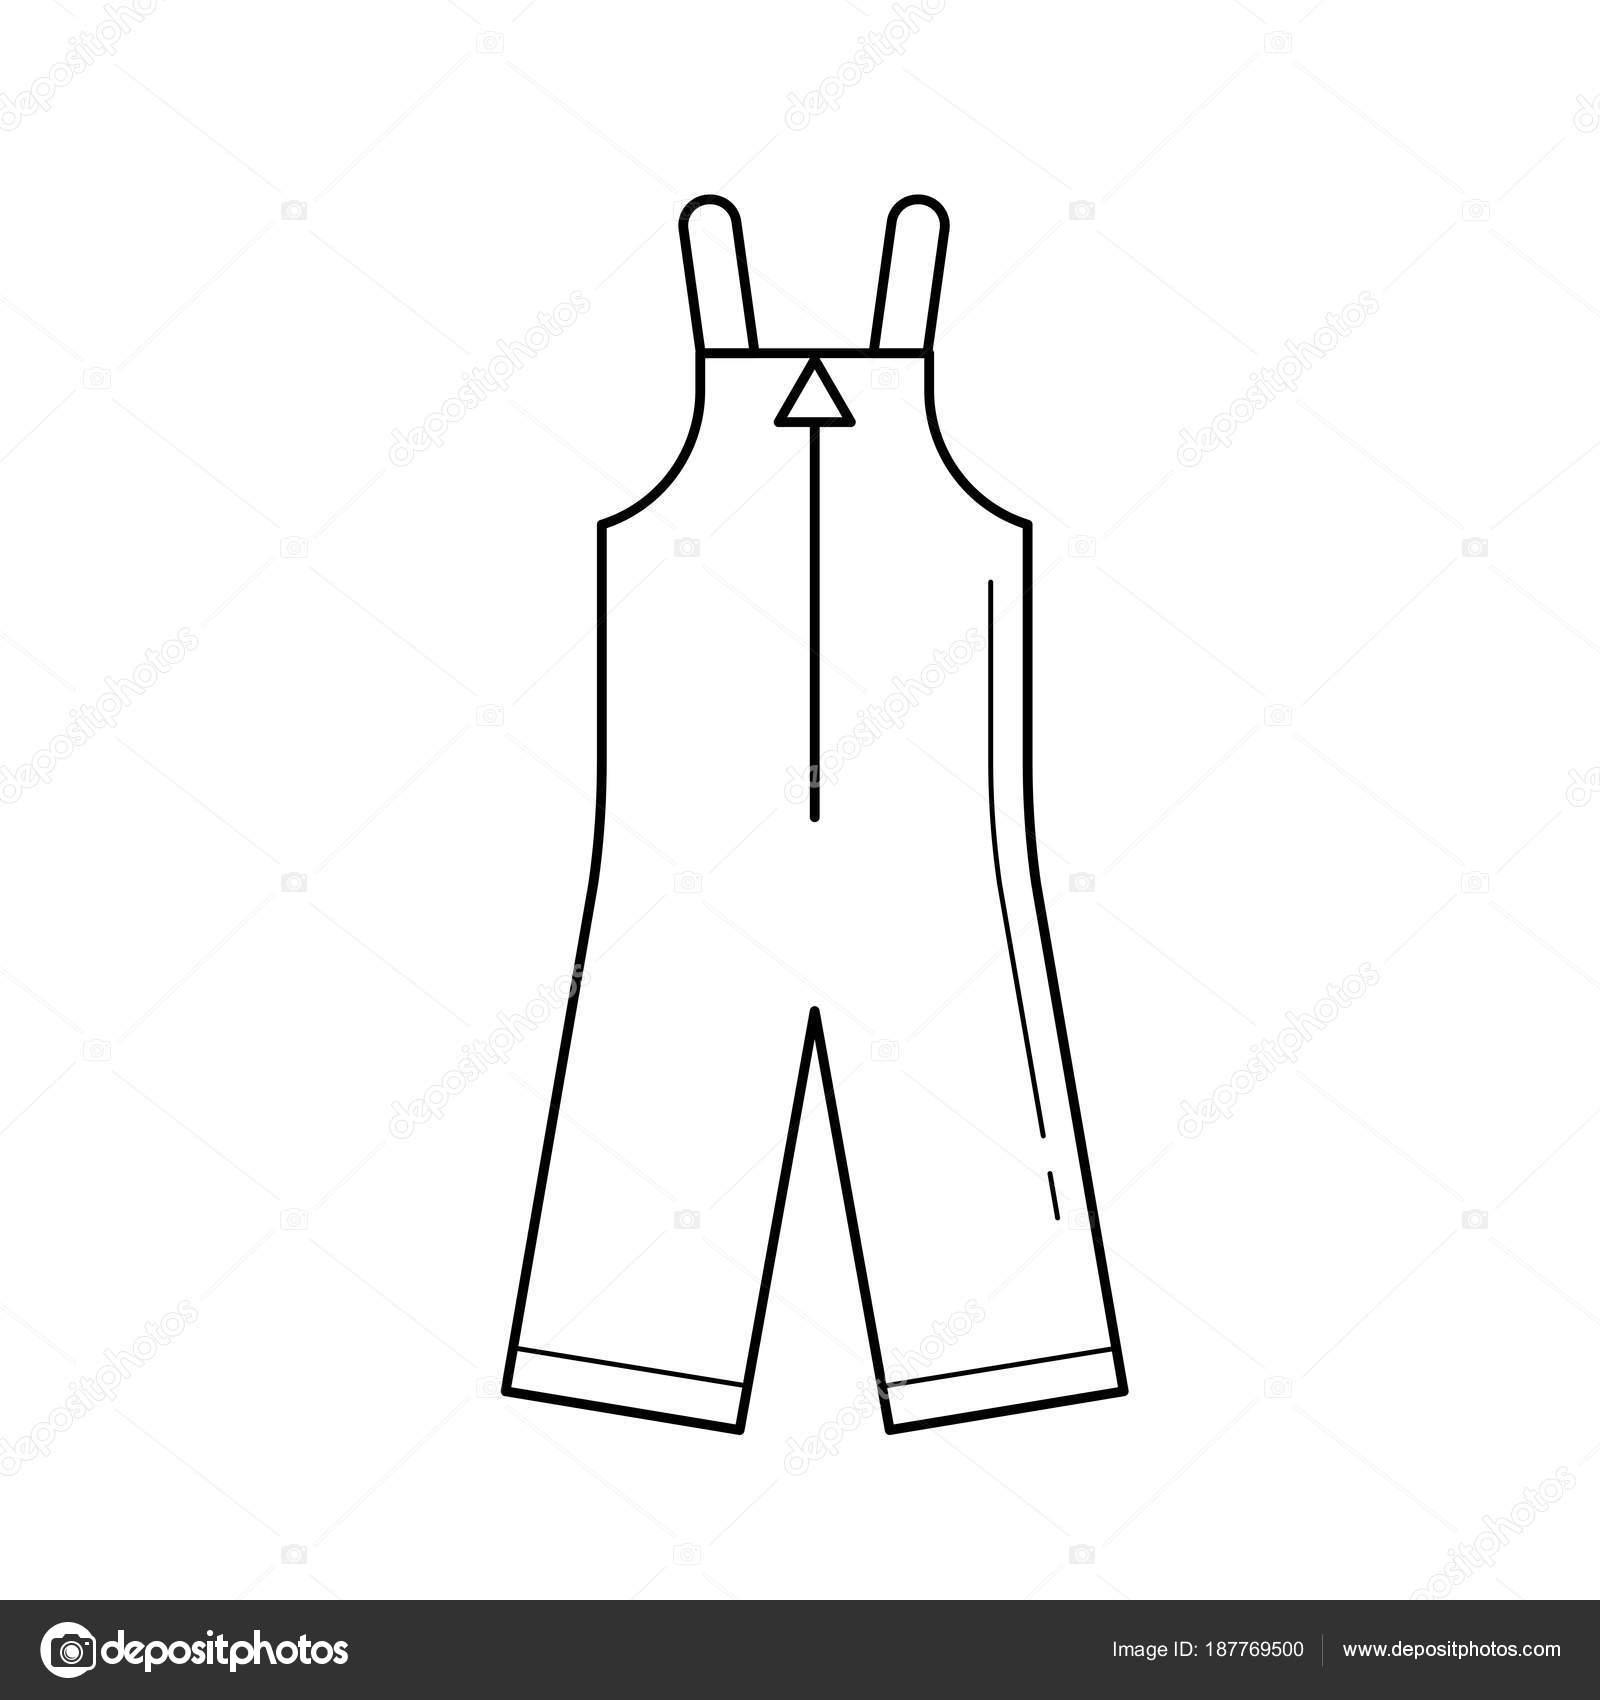 Bebé ropa vector línea icono aislado sobre fondo blanco. Peleles - ropa de  invierno para los niños la línea icono de infografía bd70d400736f